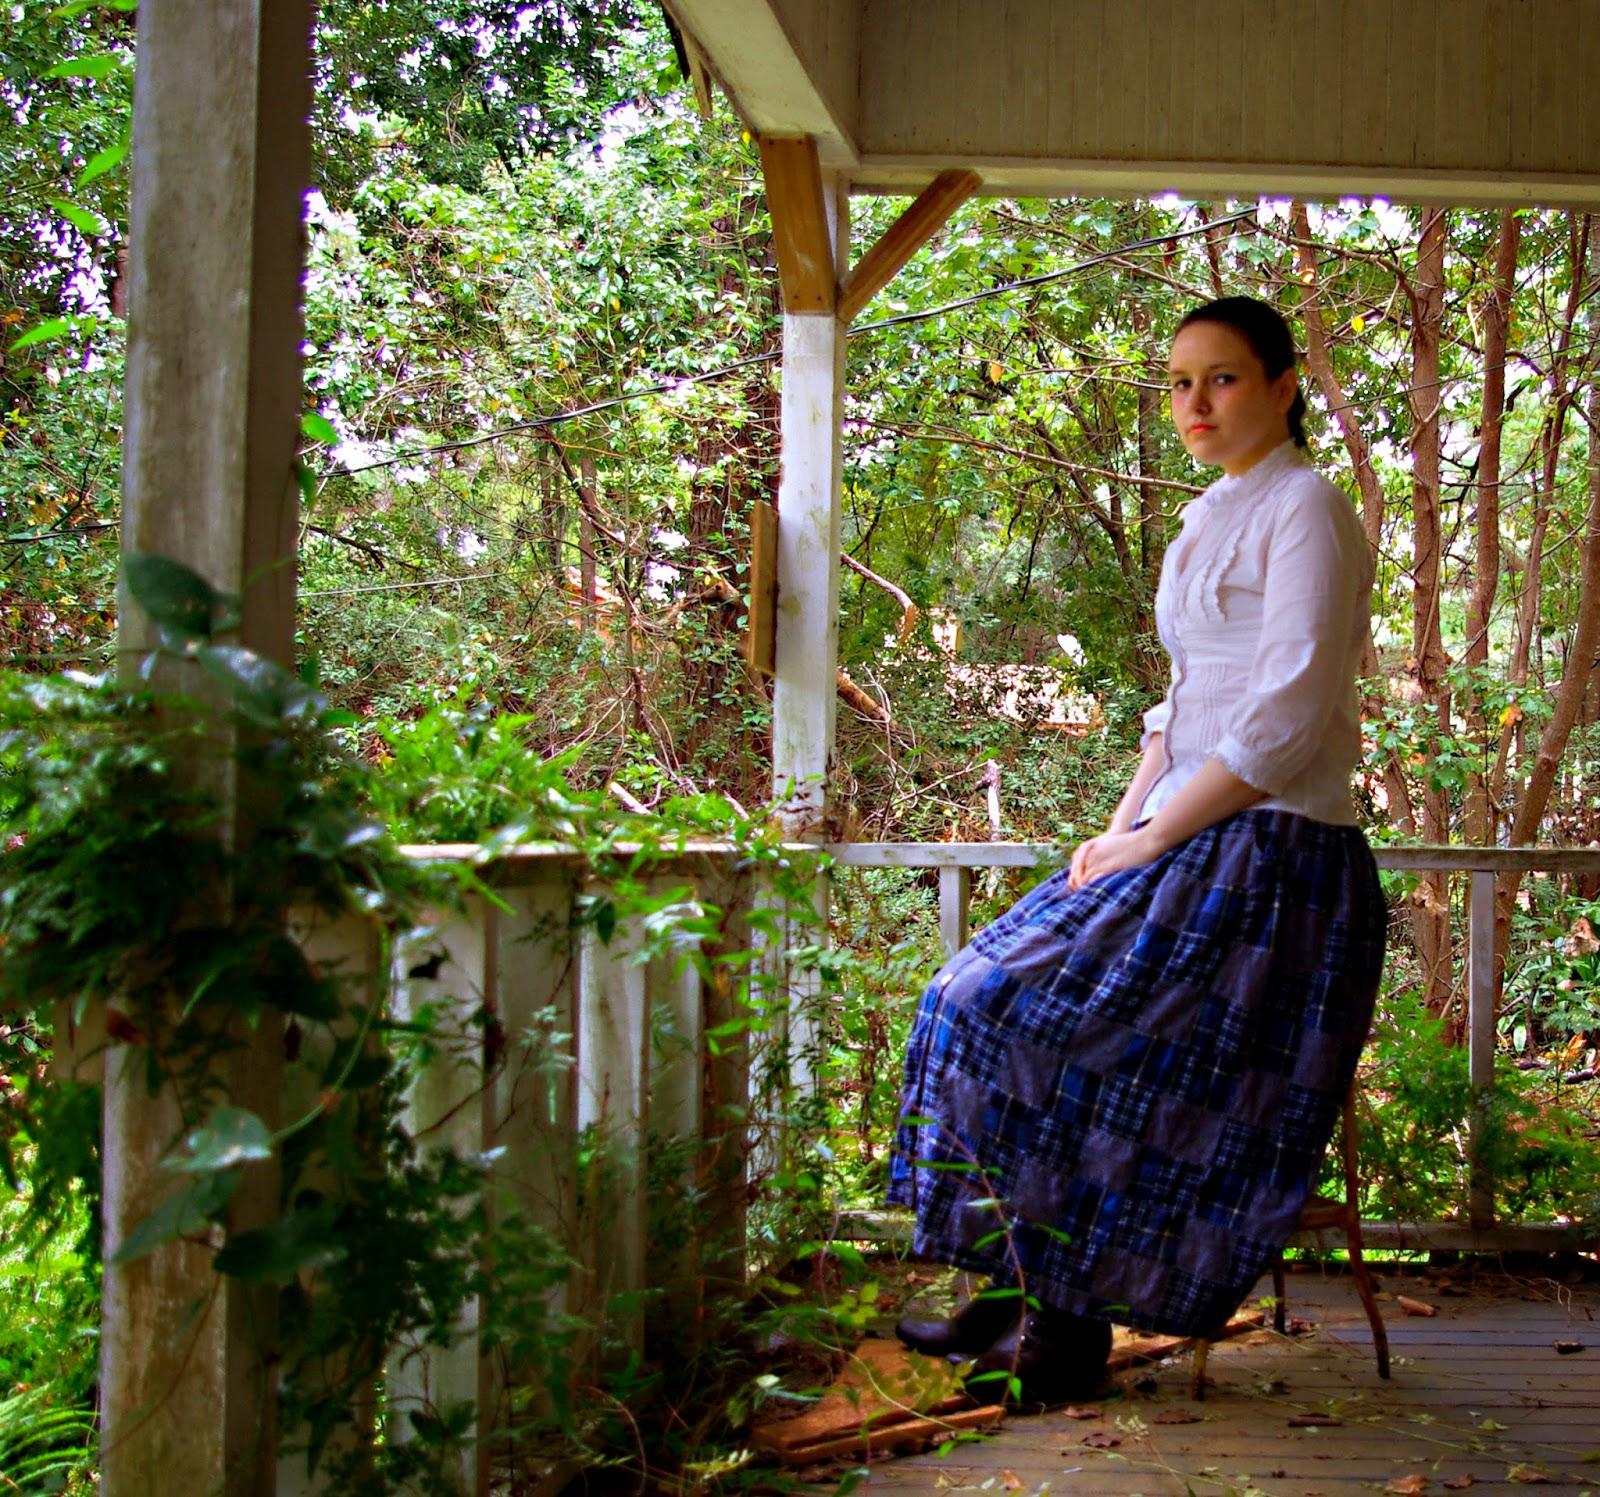 http://glitterglammandy.blogspot.com/2014/12/pintucks-and-ruffles.html